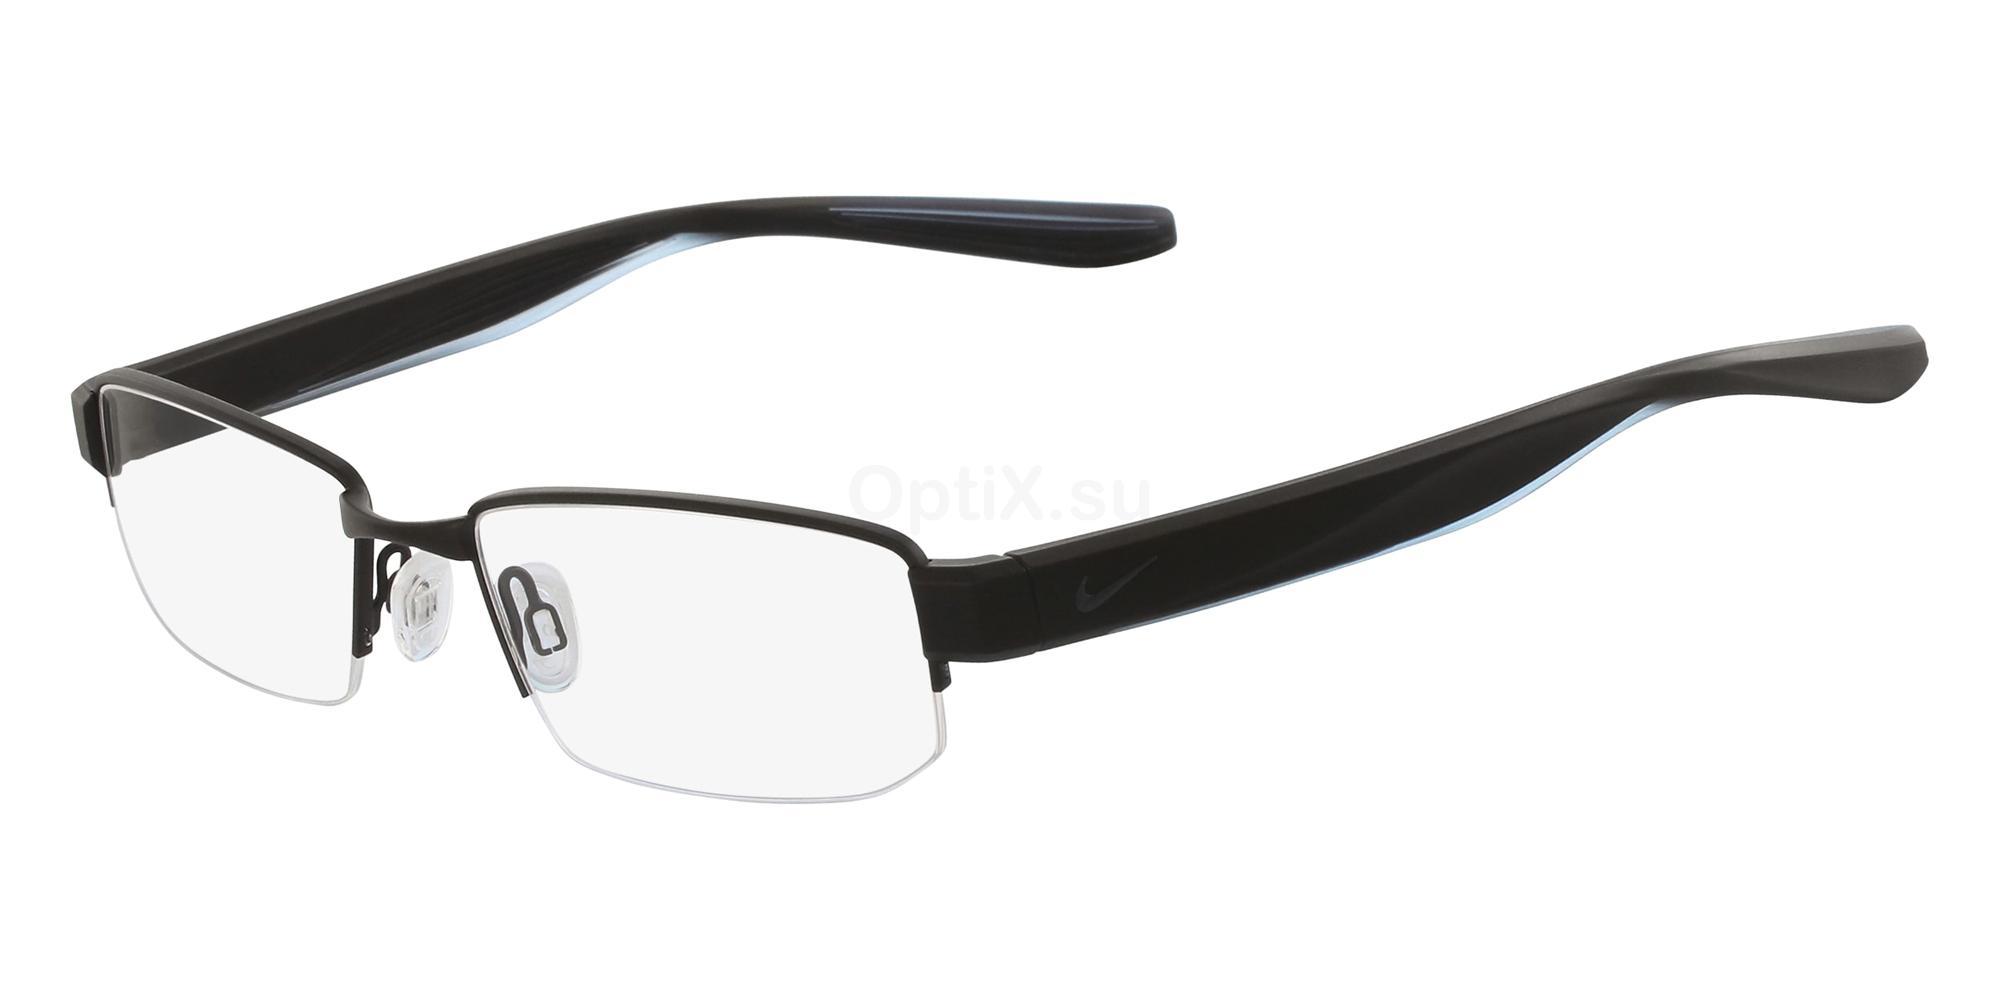 002 NIKE 8170 Glasses, Nike